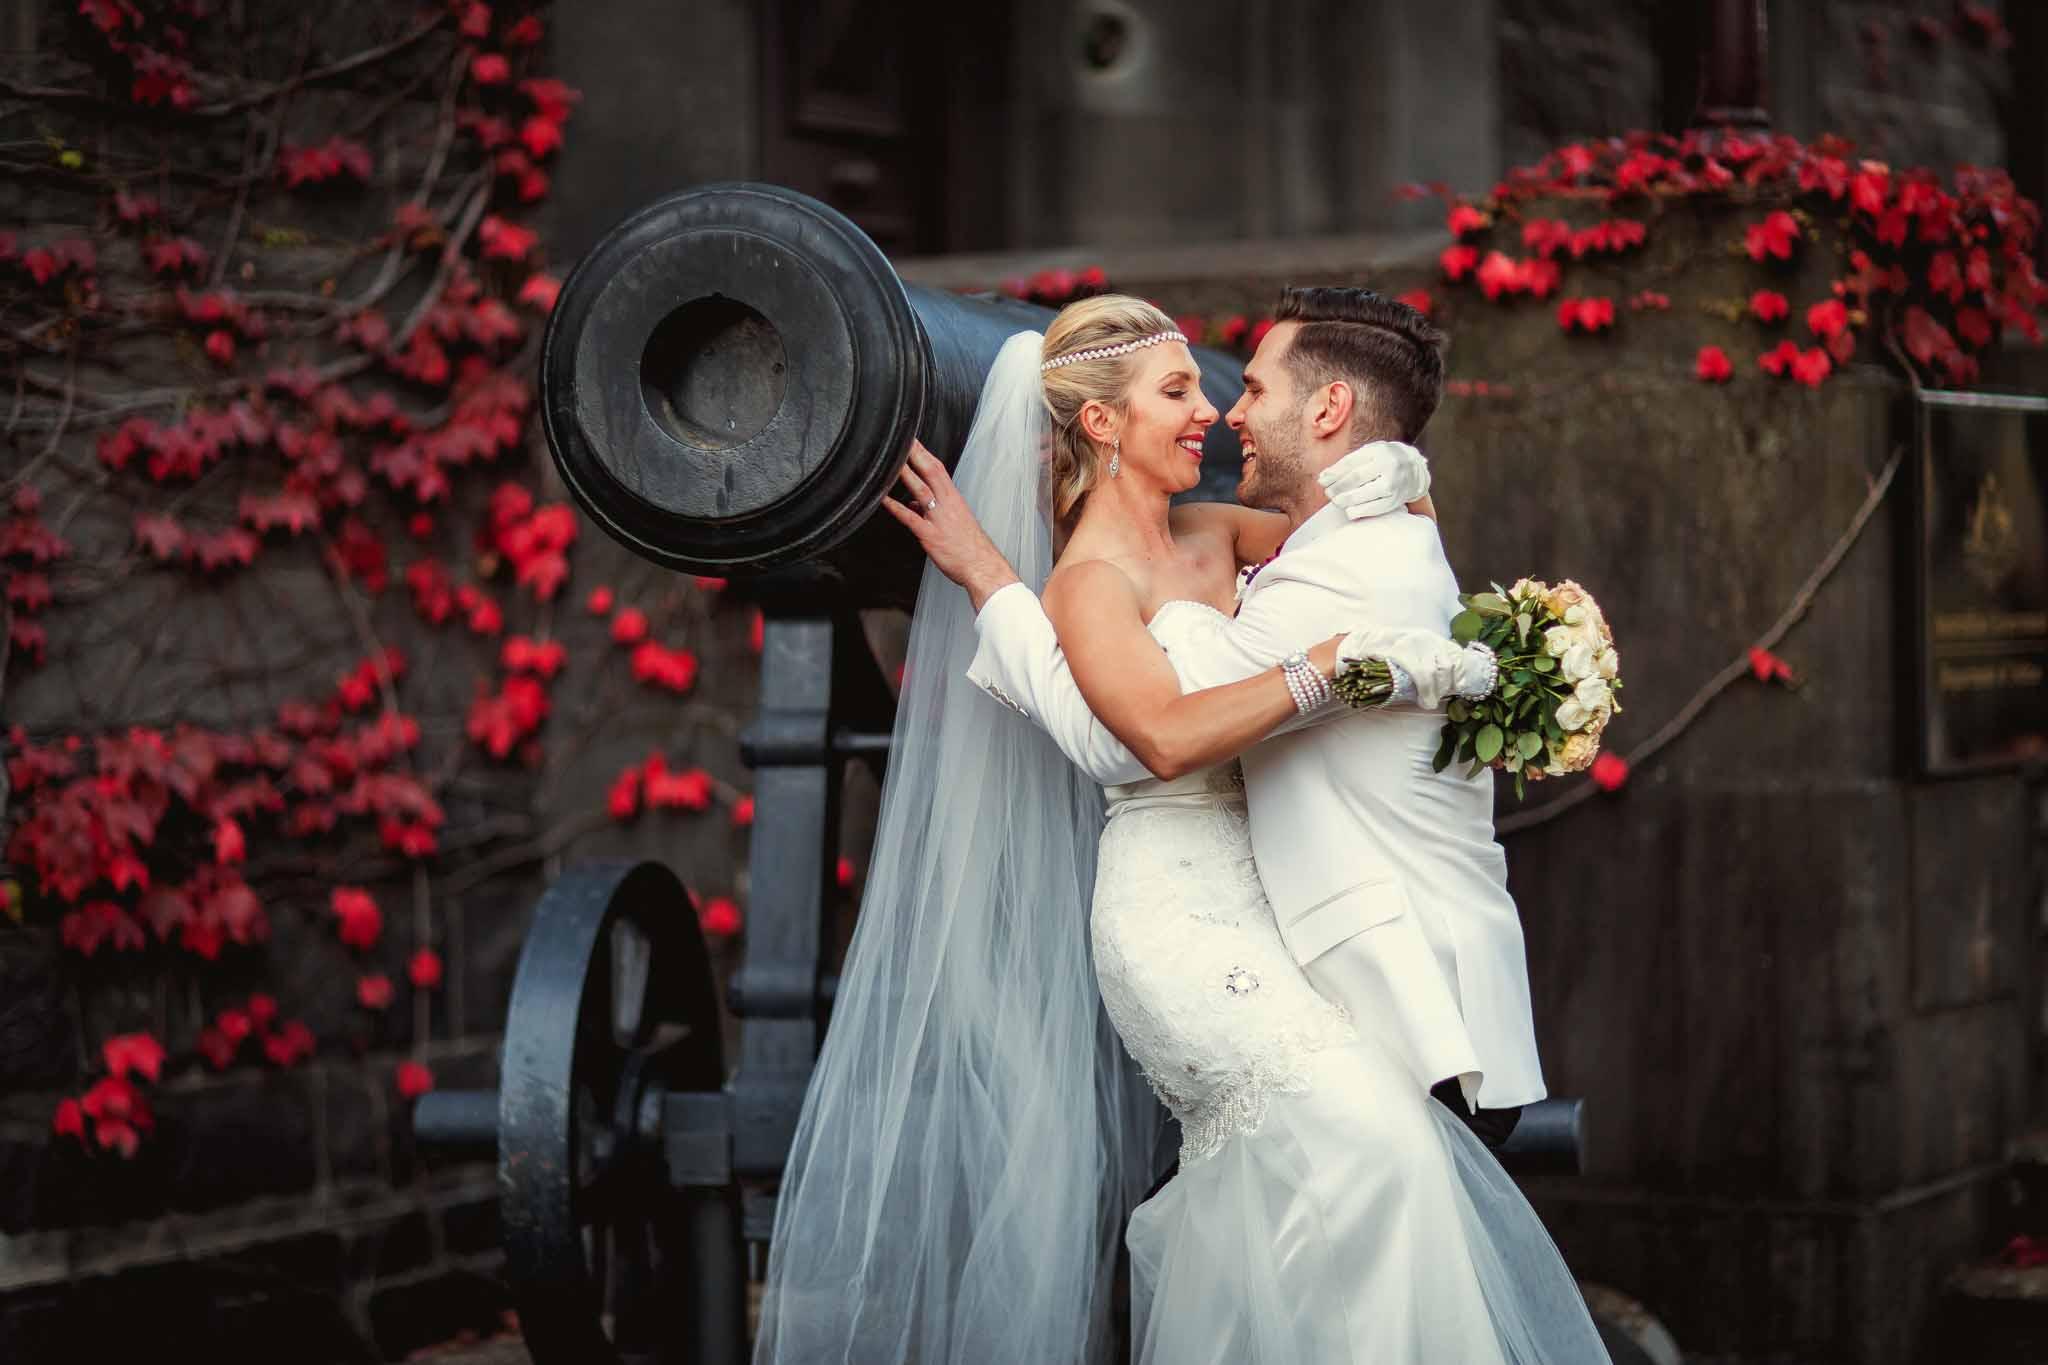 Qualitätsfotografie, ein Synonym für den besten Hochzeitsfotografen